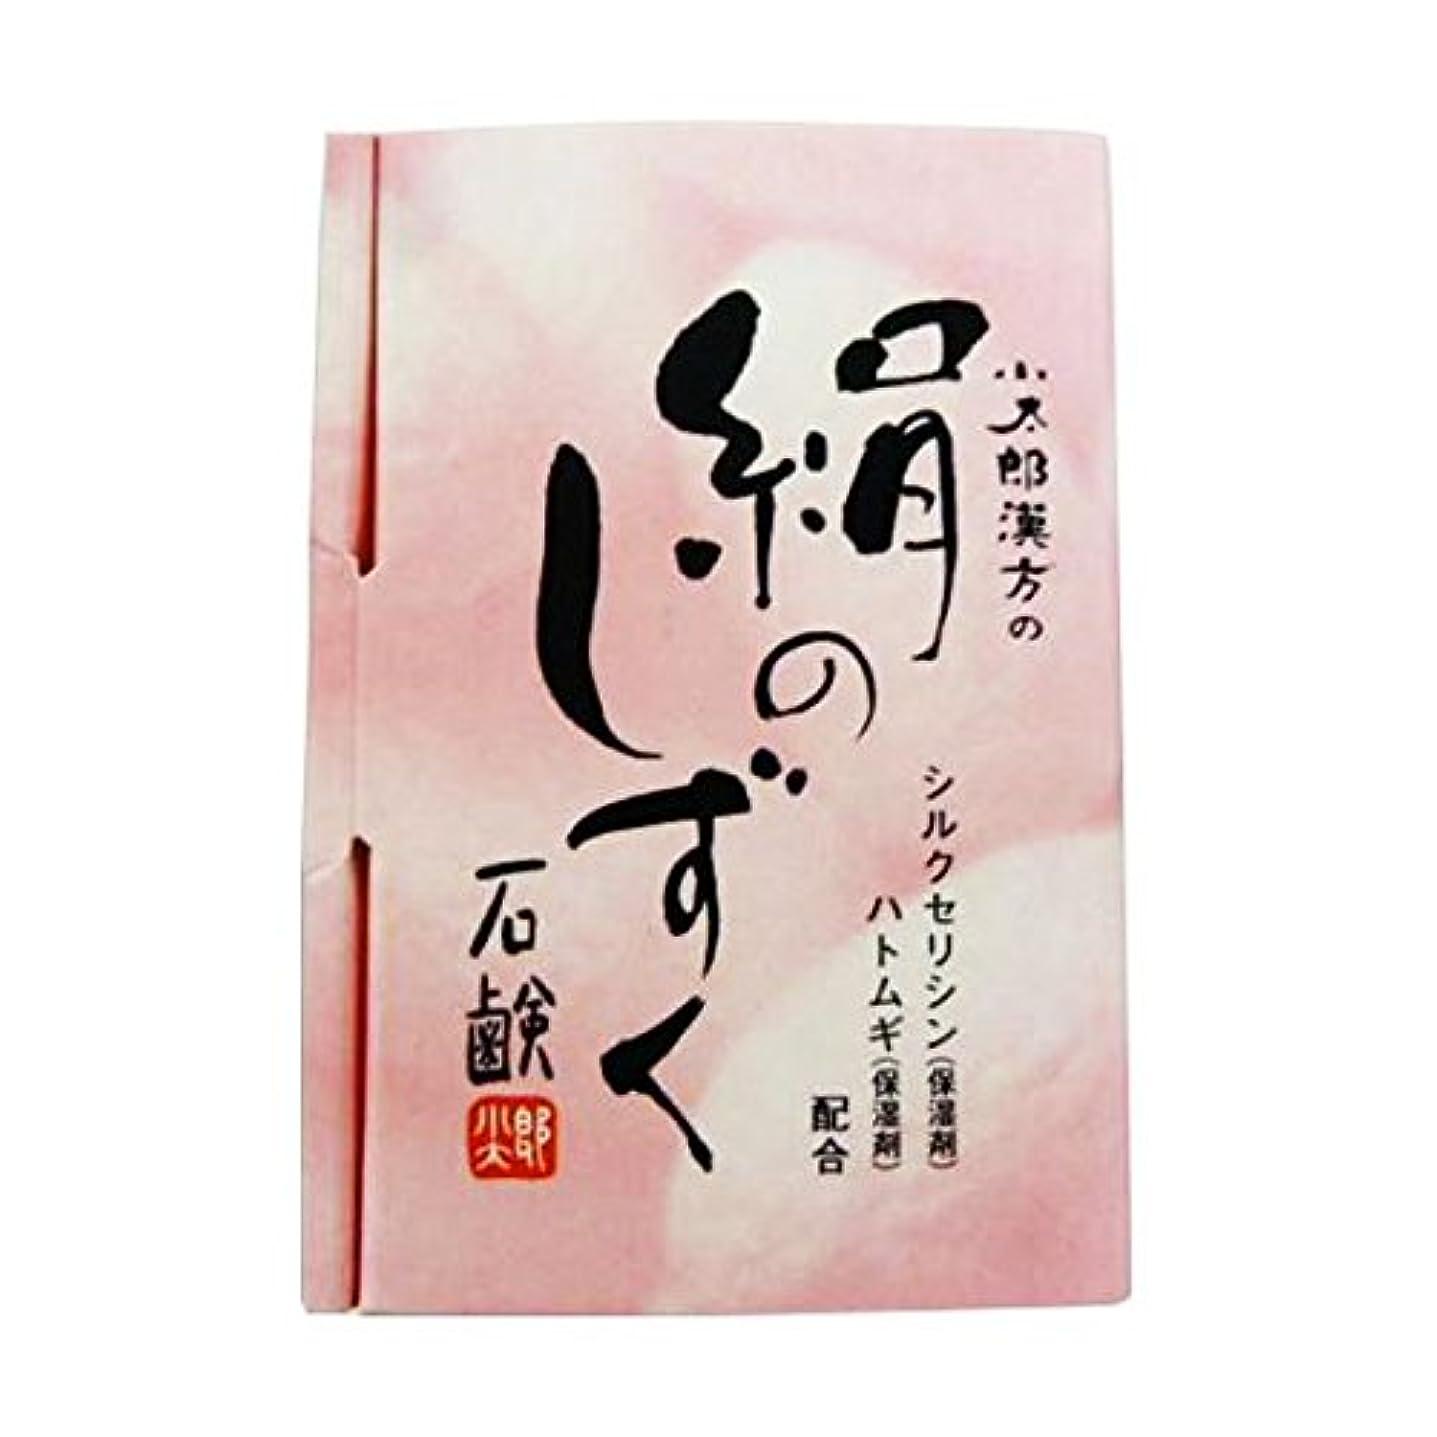 ハリウッドアナウンサー騒【小太郎漢方製薬】絹のしずく石鹸 80g ×3個セット